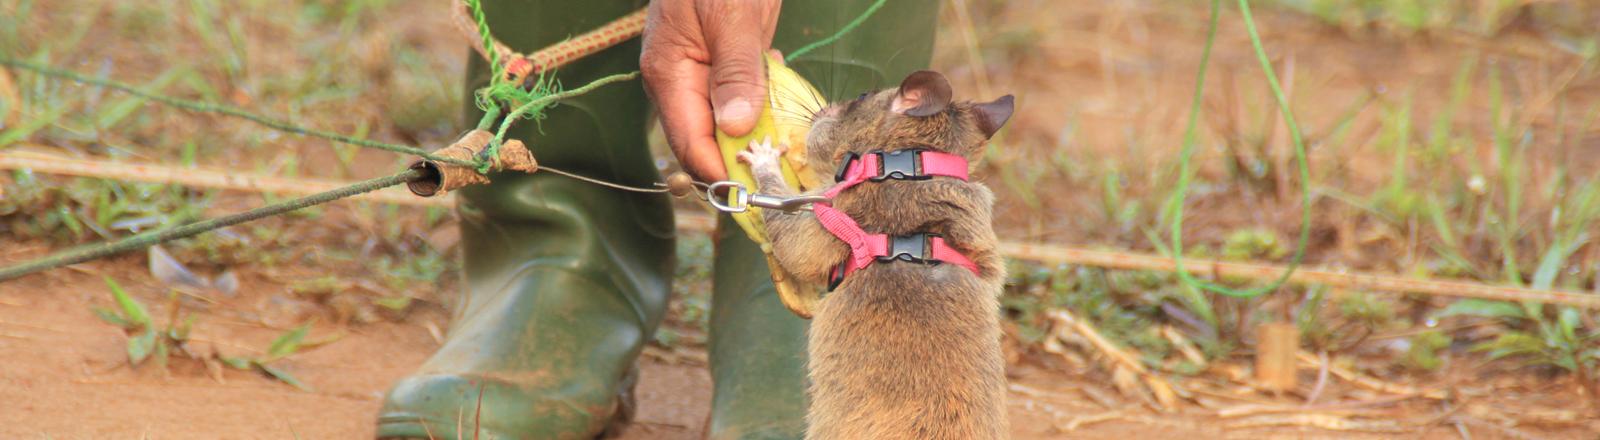 Spürratten in Tansania erschnüffeln Landminen, Sprengstoff und Krankheiten.